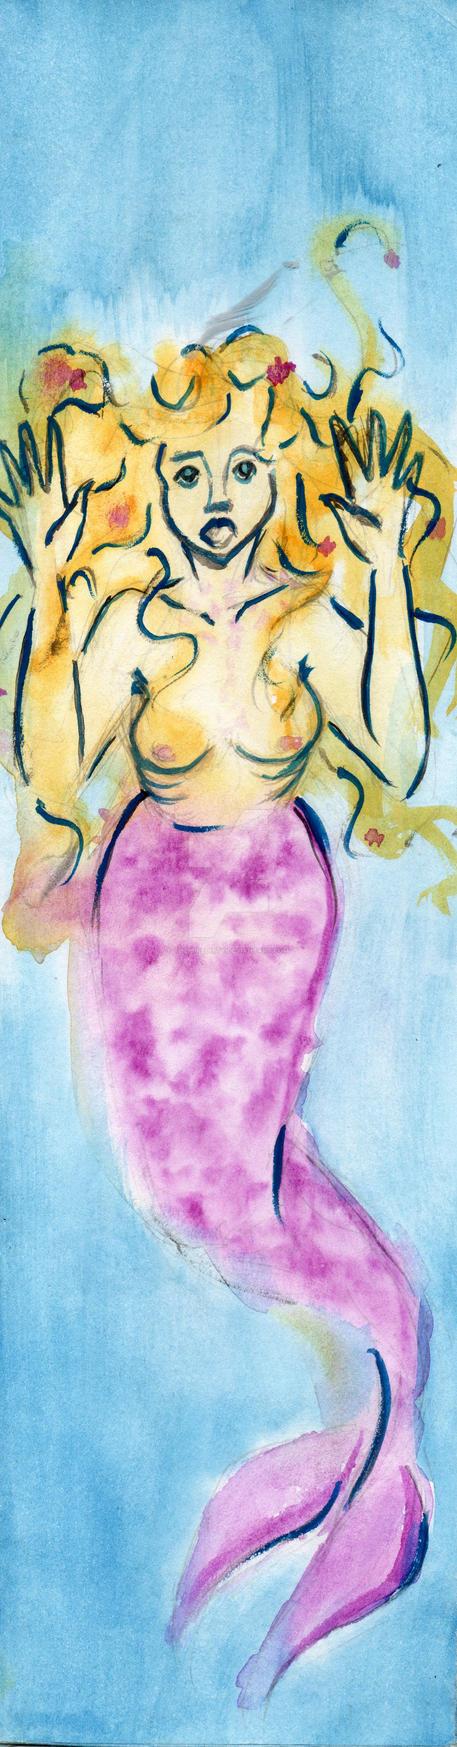 enclosed Mermaid by Thepuredirty